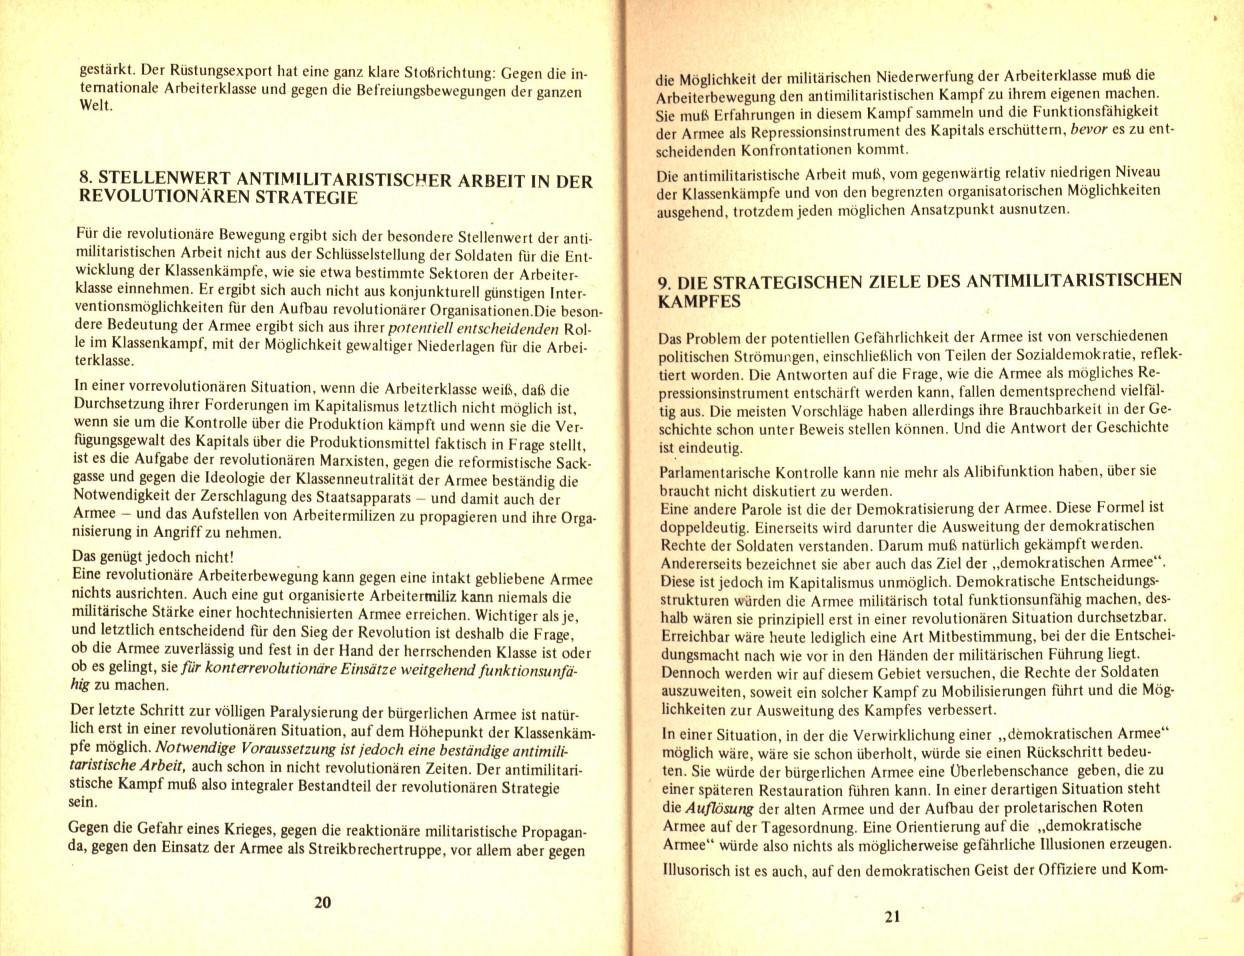 GIM_1976_Militaerpolitisches_Programm_12